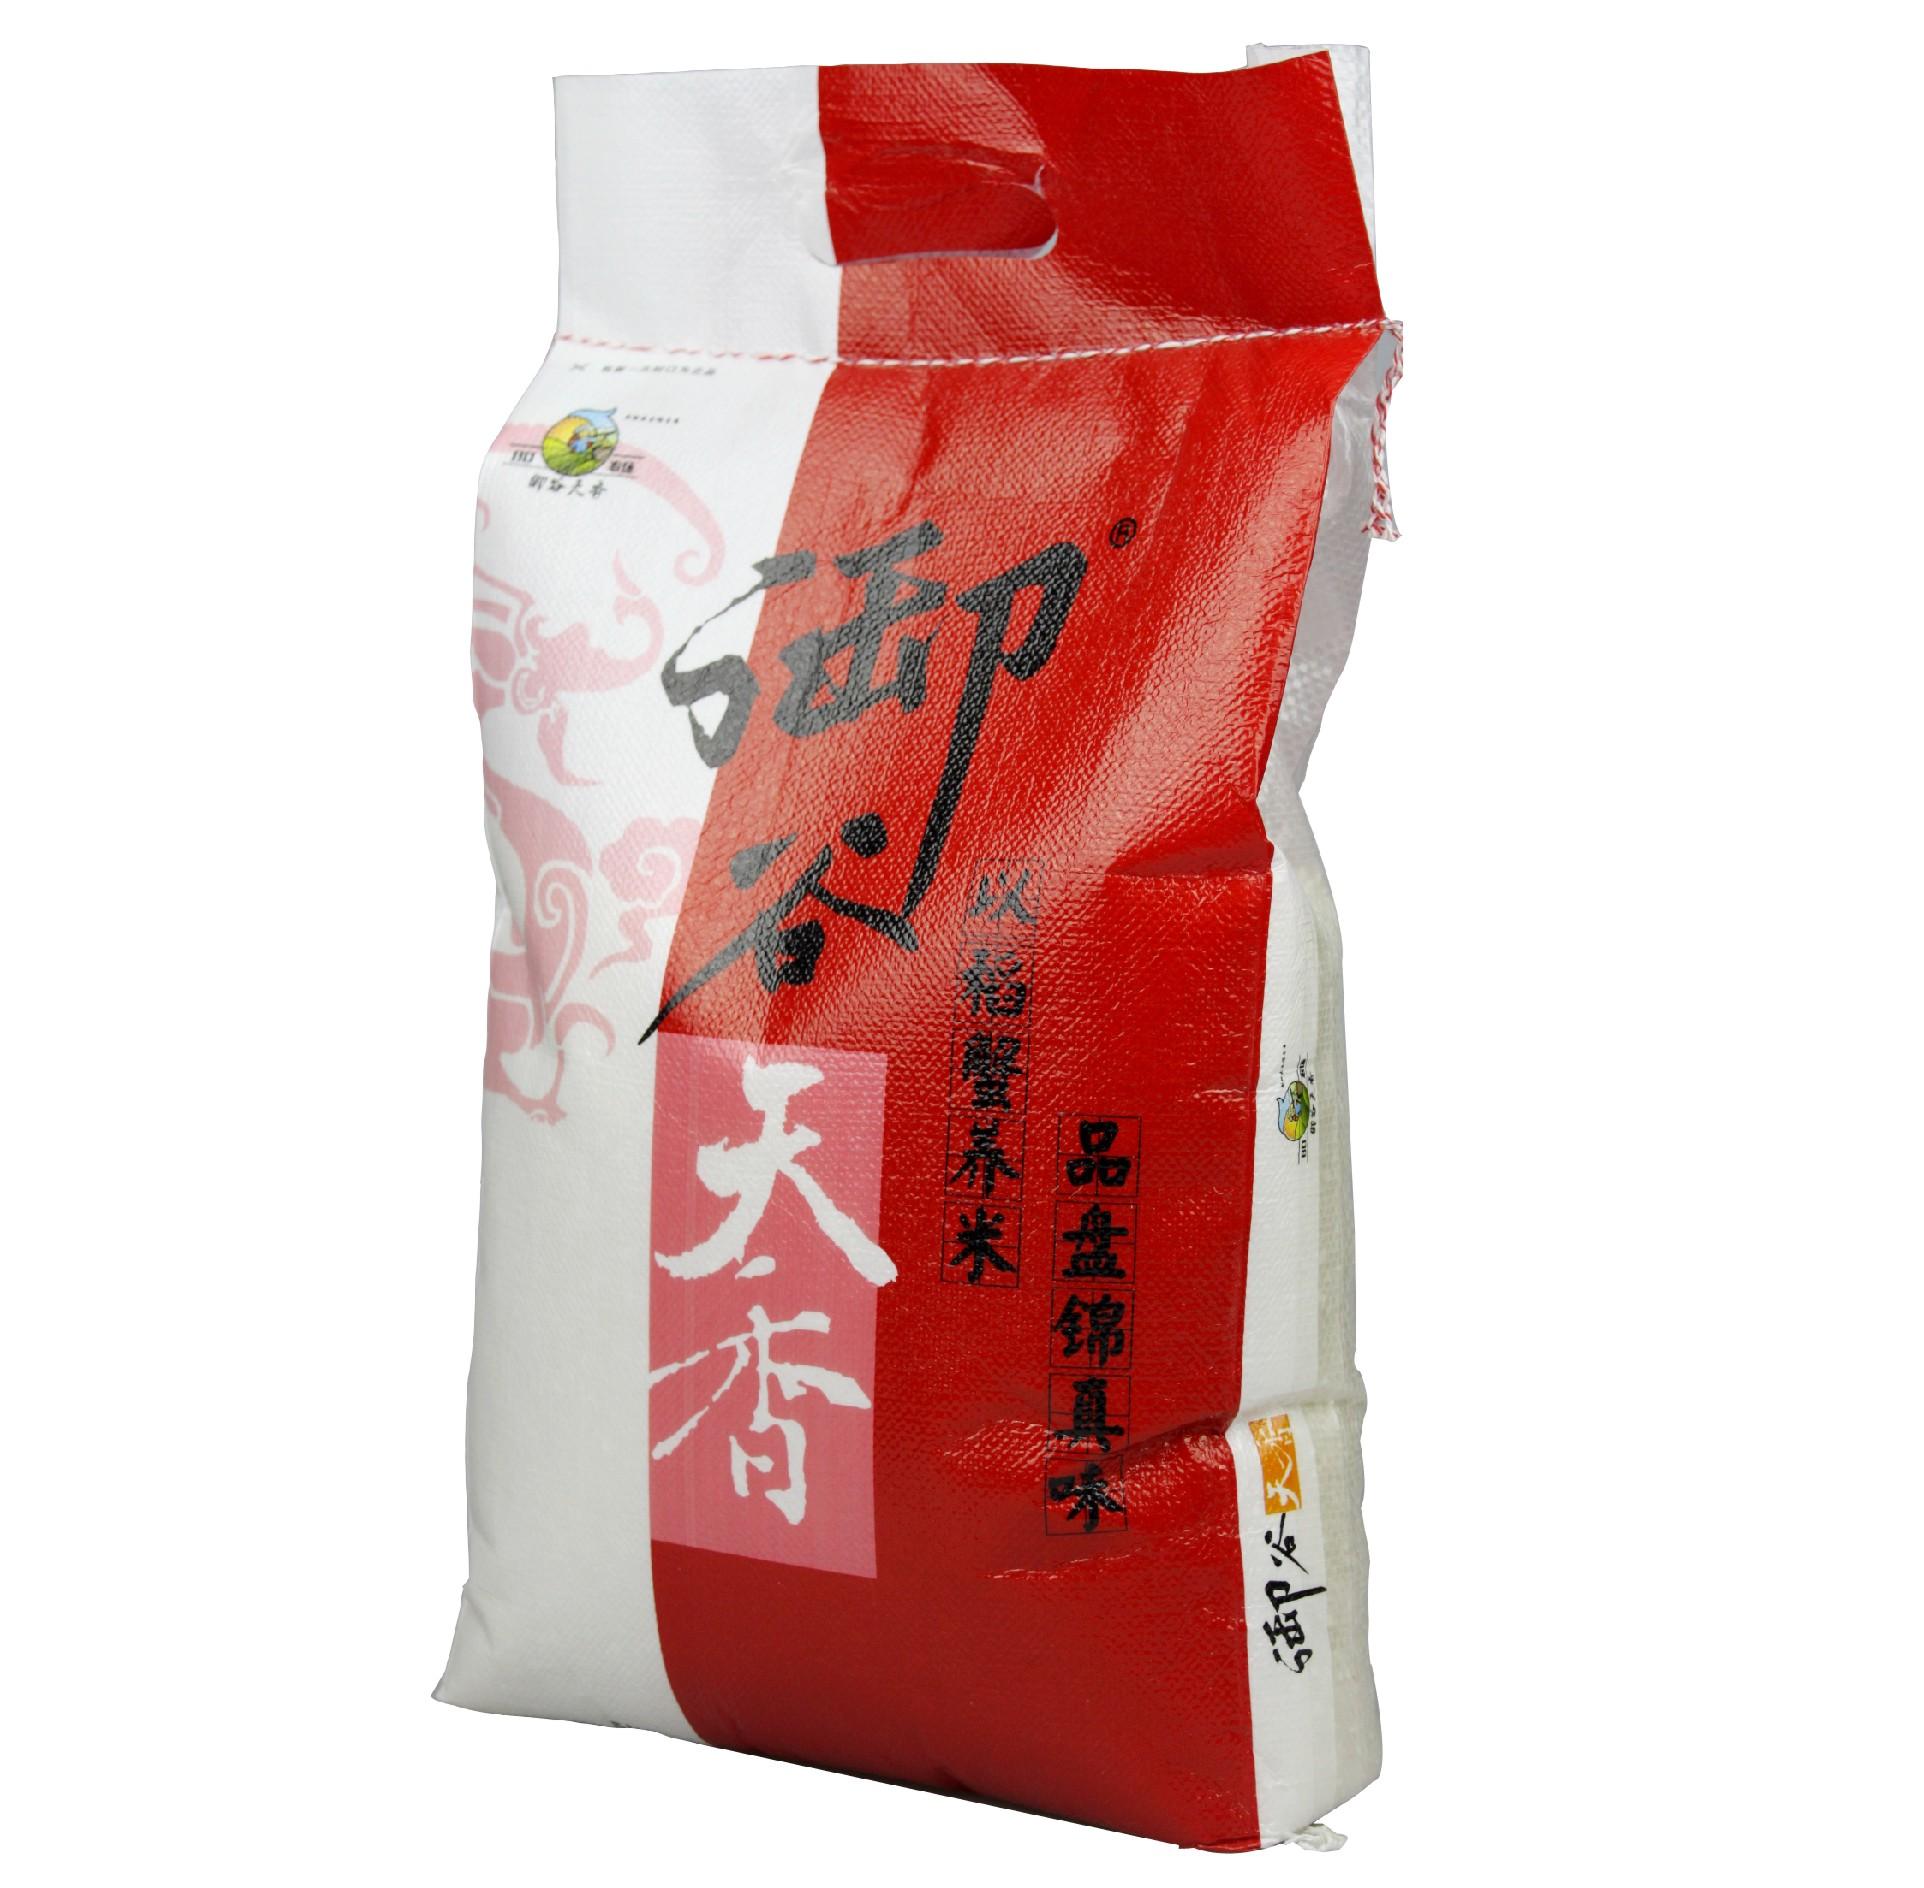 2018年新米珍珠米东北大米盘锦大米正宗蟹田米10斤寿司米碱地米